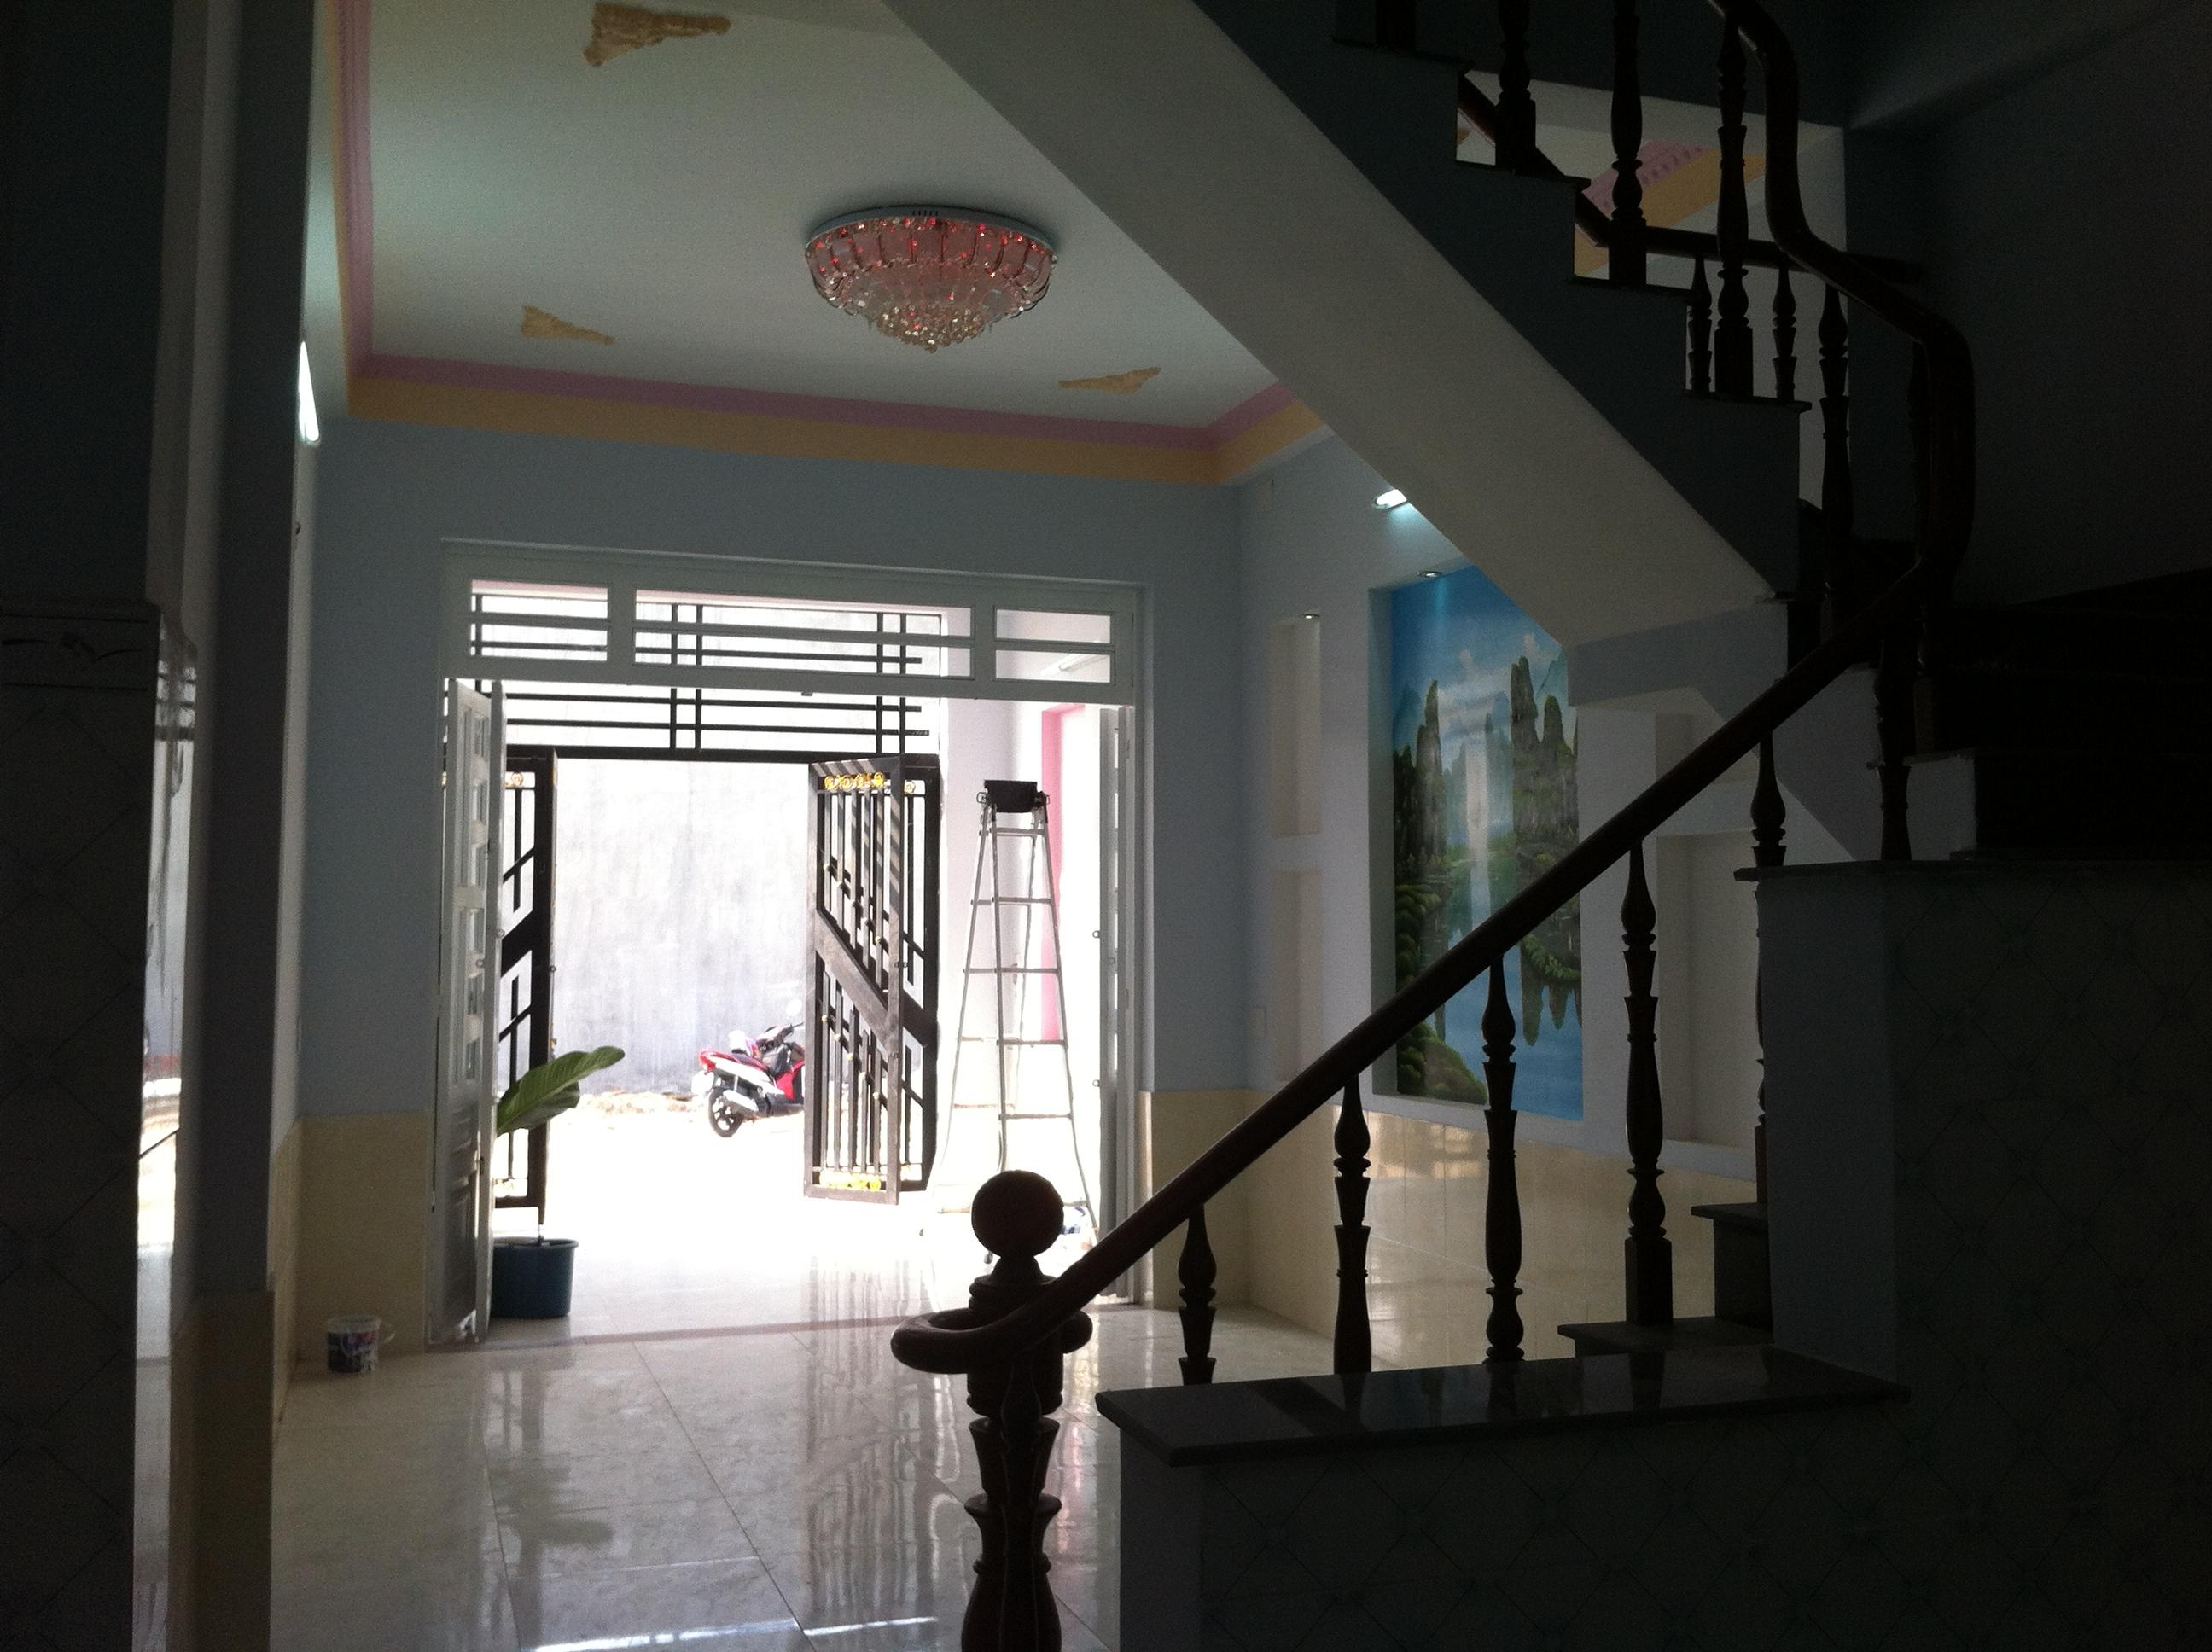 Phòng khách Nhà cần bán nằm ngay cổng sau KCN Visip , KCN Vietnam singapore. KCN sóng thần 1,2 thị xã dĩ an